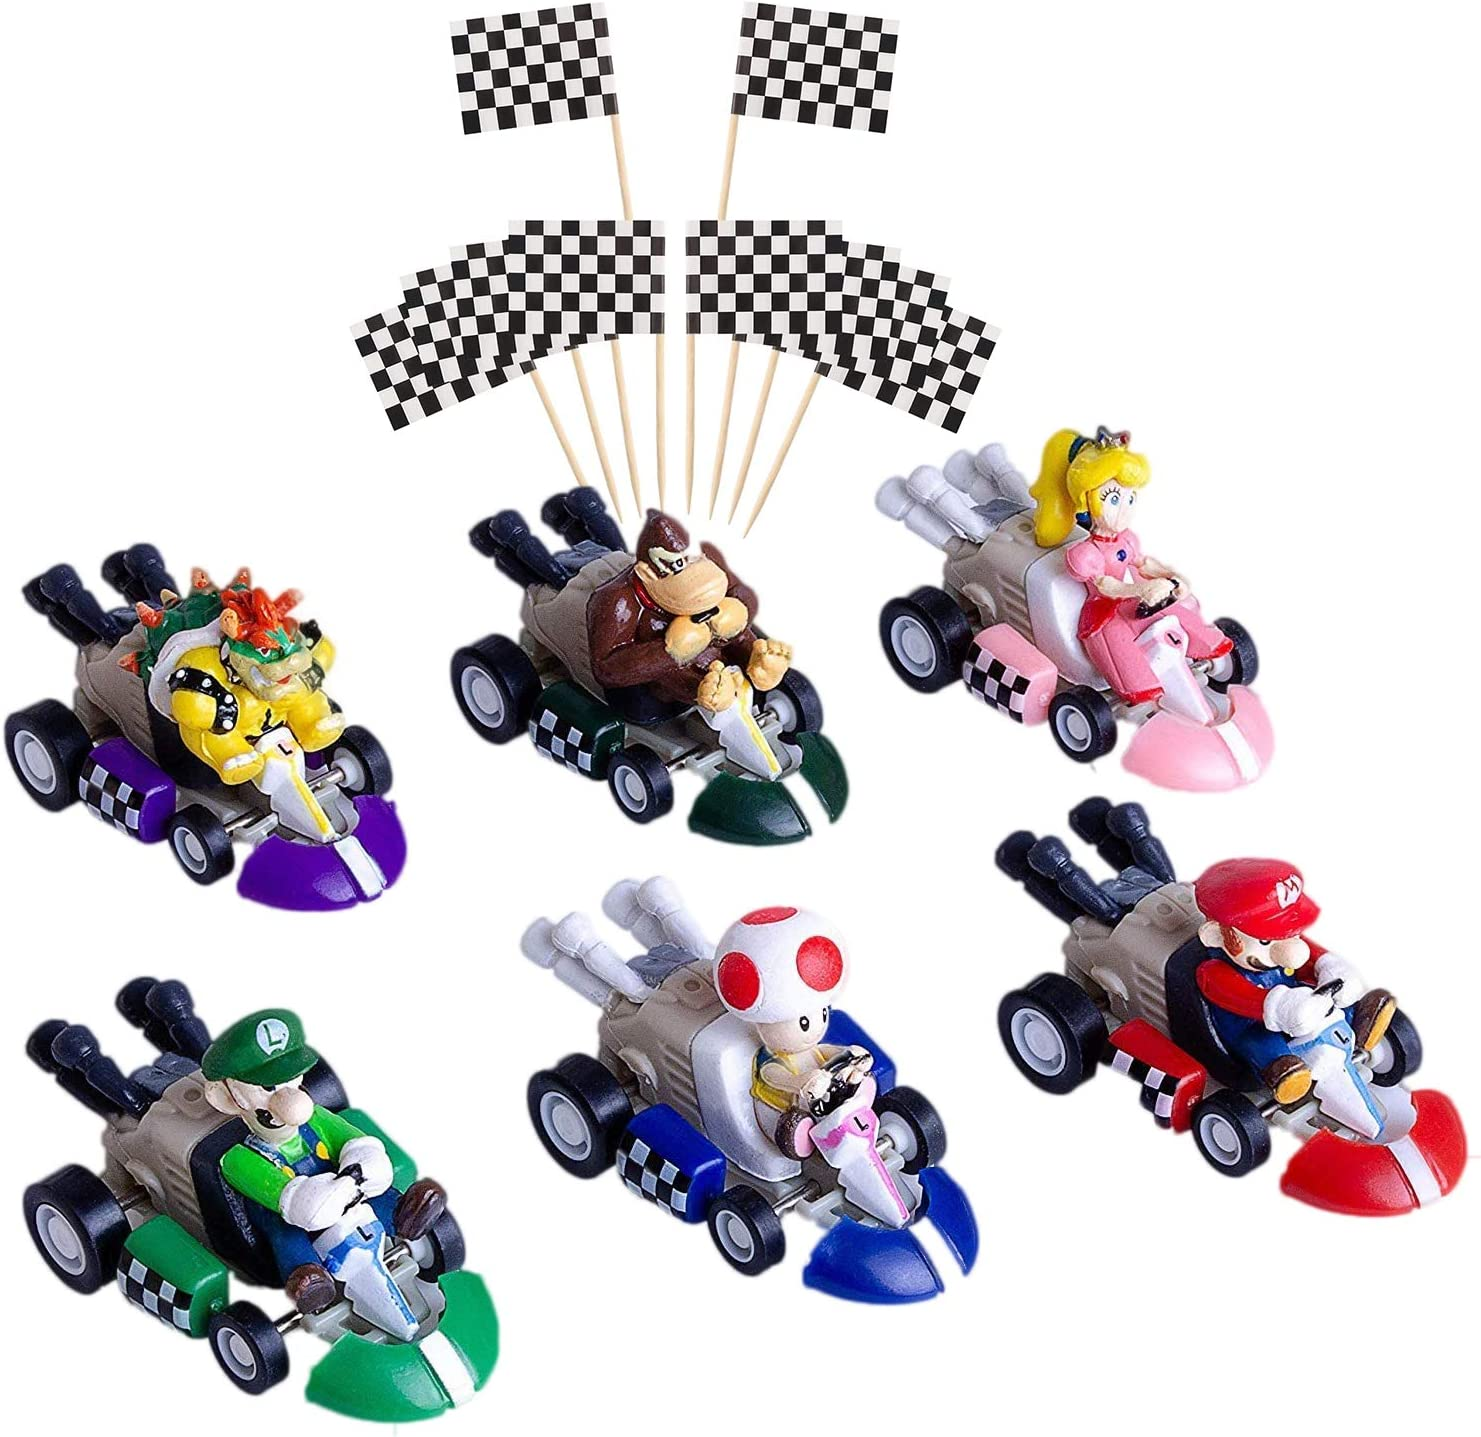 POQUAN 6 Pcs Mini Mario Kart Pull Back Cars Cake Topper Figures Toy Set (2